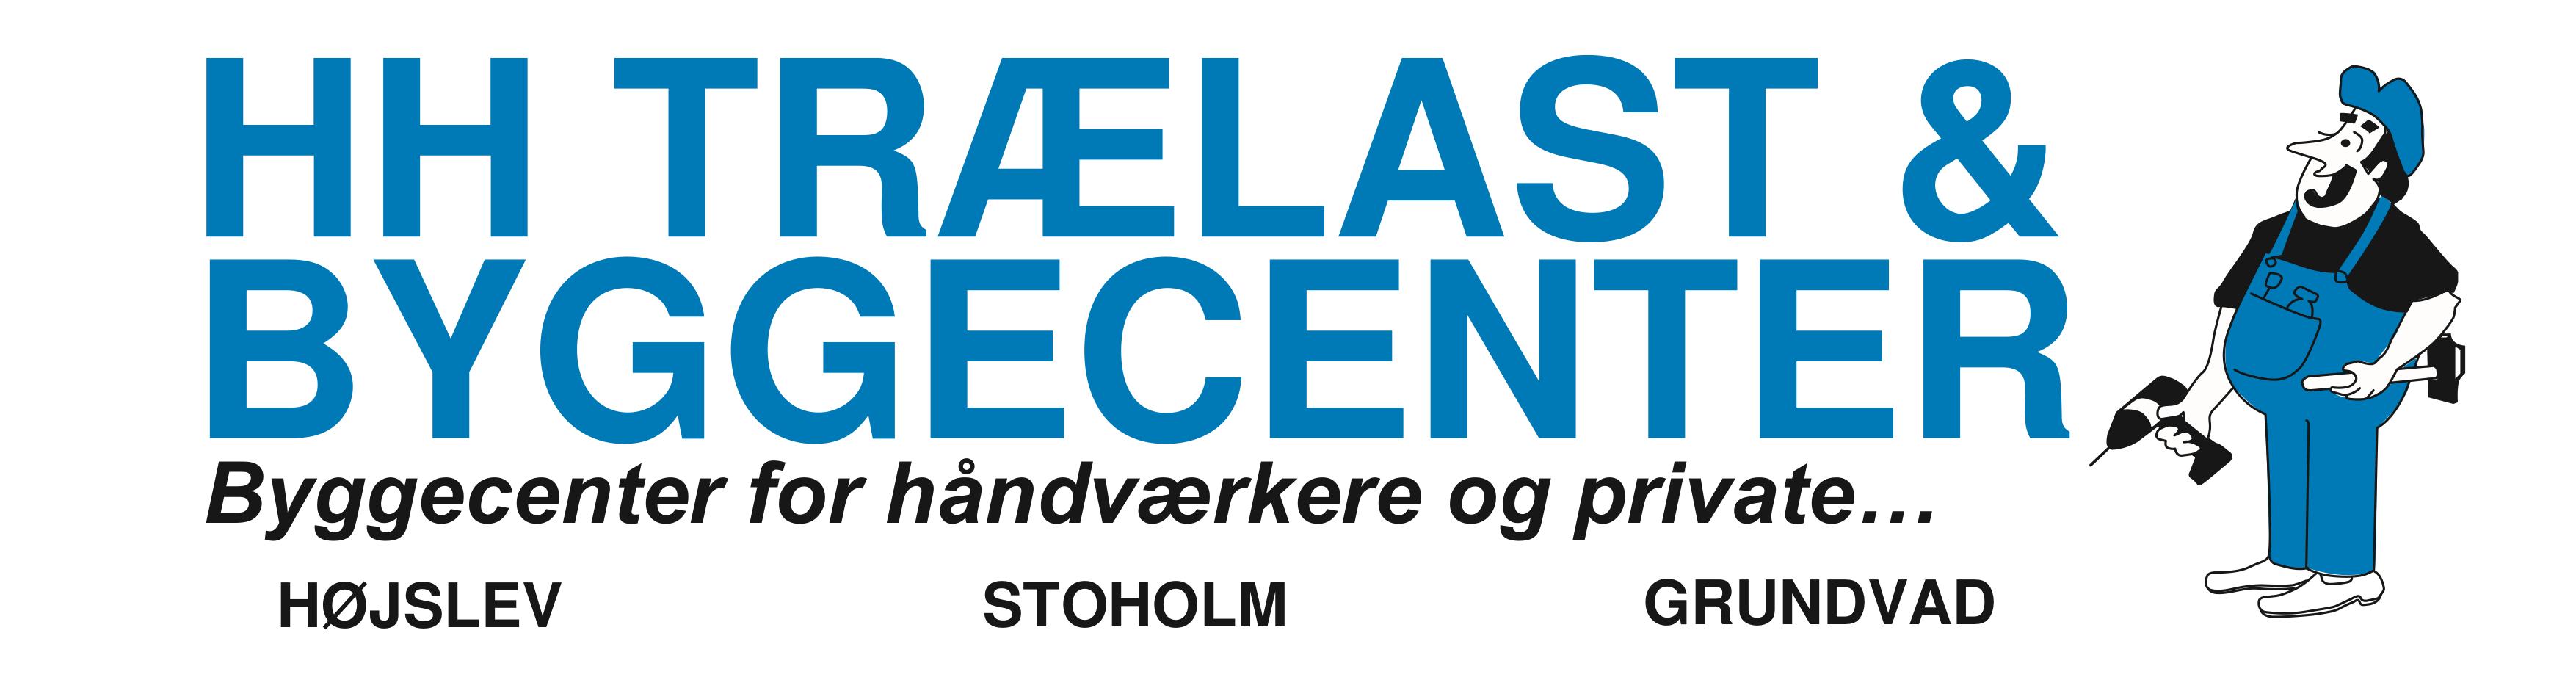 HHbyggecenter.dk